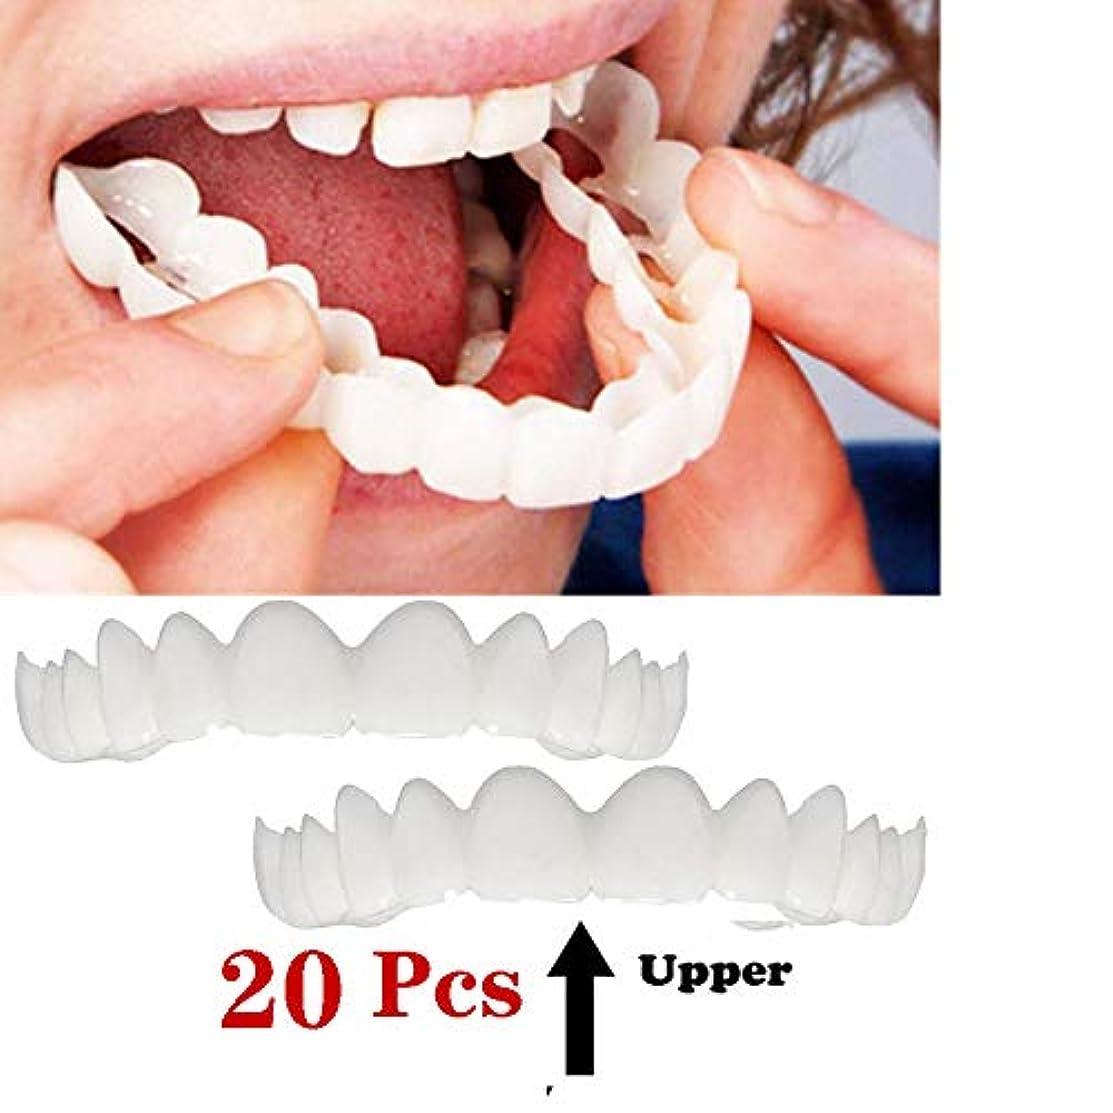 飲み込むアイロニー災害笑顔の義歯フィットフレックス化粧品の歯快適なベニヤカバーの歯のスナップを白くする笑顔の歯化粧品の義歯、化粧品の歯